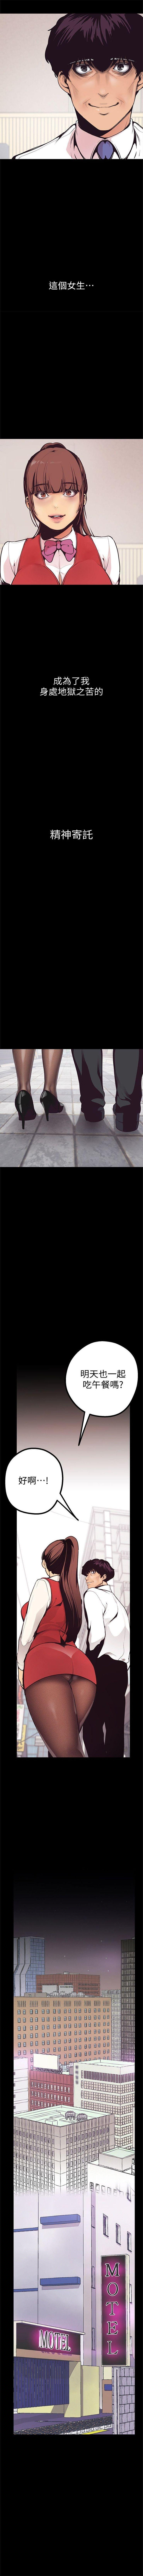 (週1)美麗新世界 1-76 中文翻譯 (更新中) 41